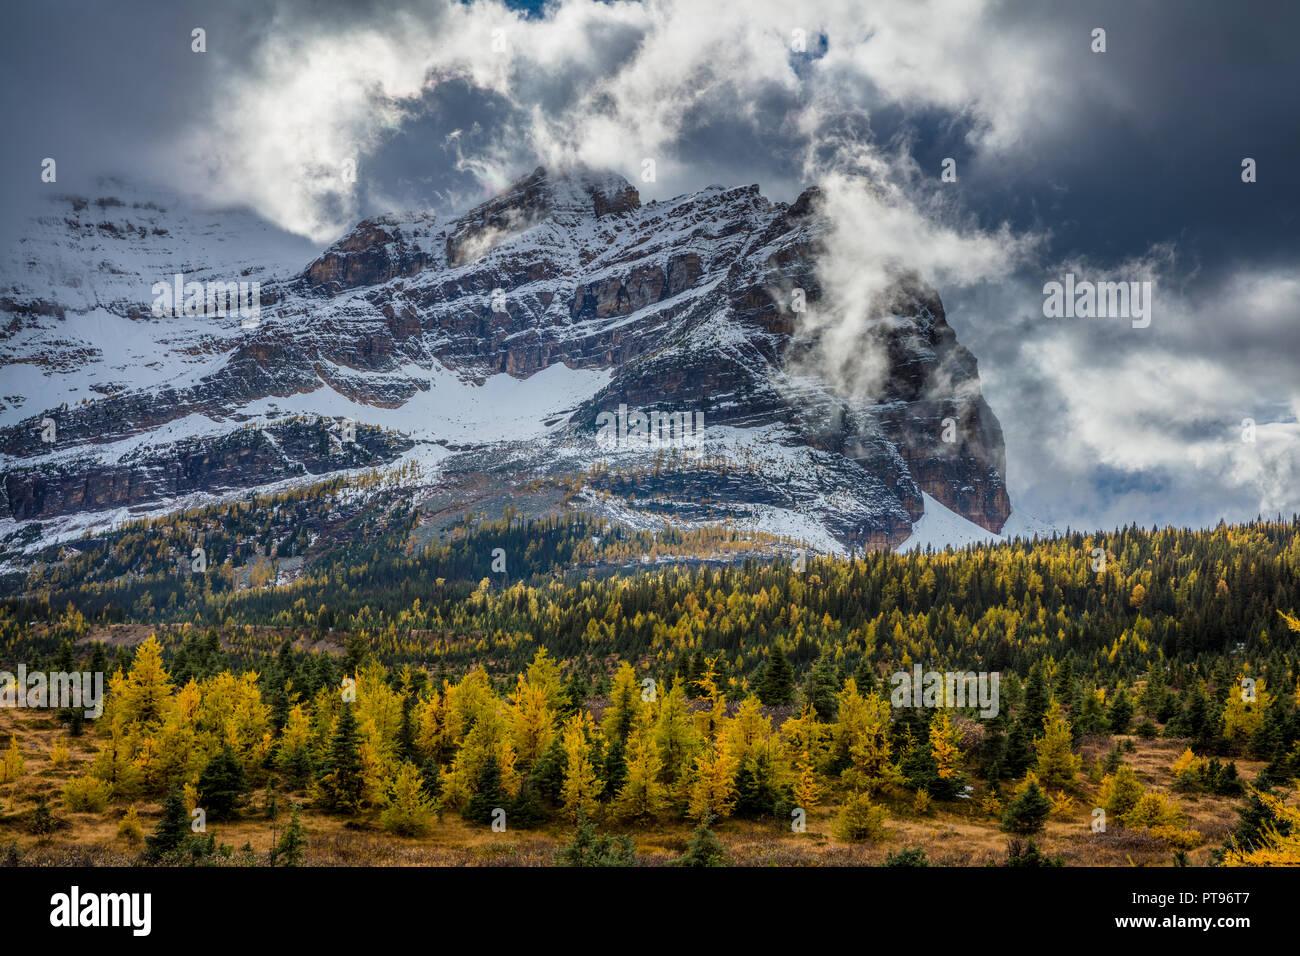 Le parc provincial du mont Assiniboine est un parc provincial de la Colombie-Britannique, Canada, situé autour du mont Assiniboine. Photo Stock